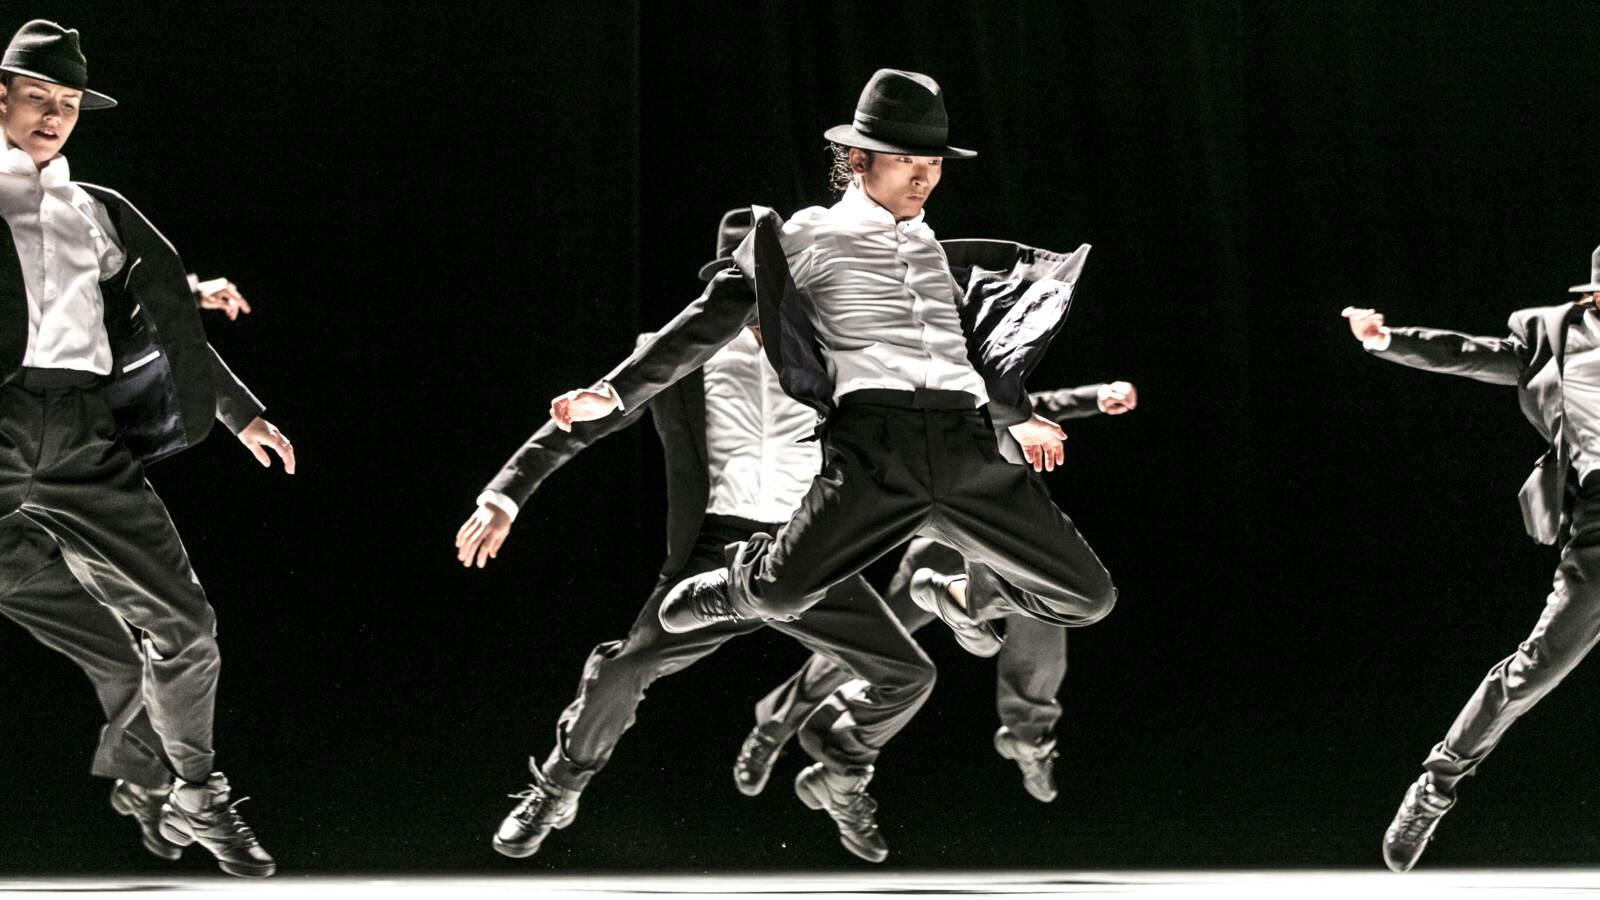 Fotades 2017 för dansprogrammet Kult. Repris 2019 Fotades 2017 för dansprogrammet Kult. Repris 2019